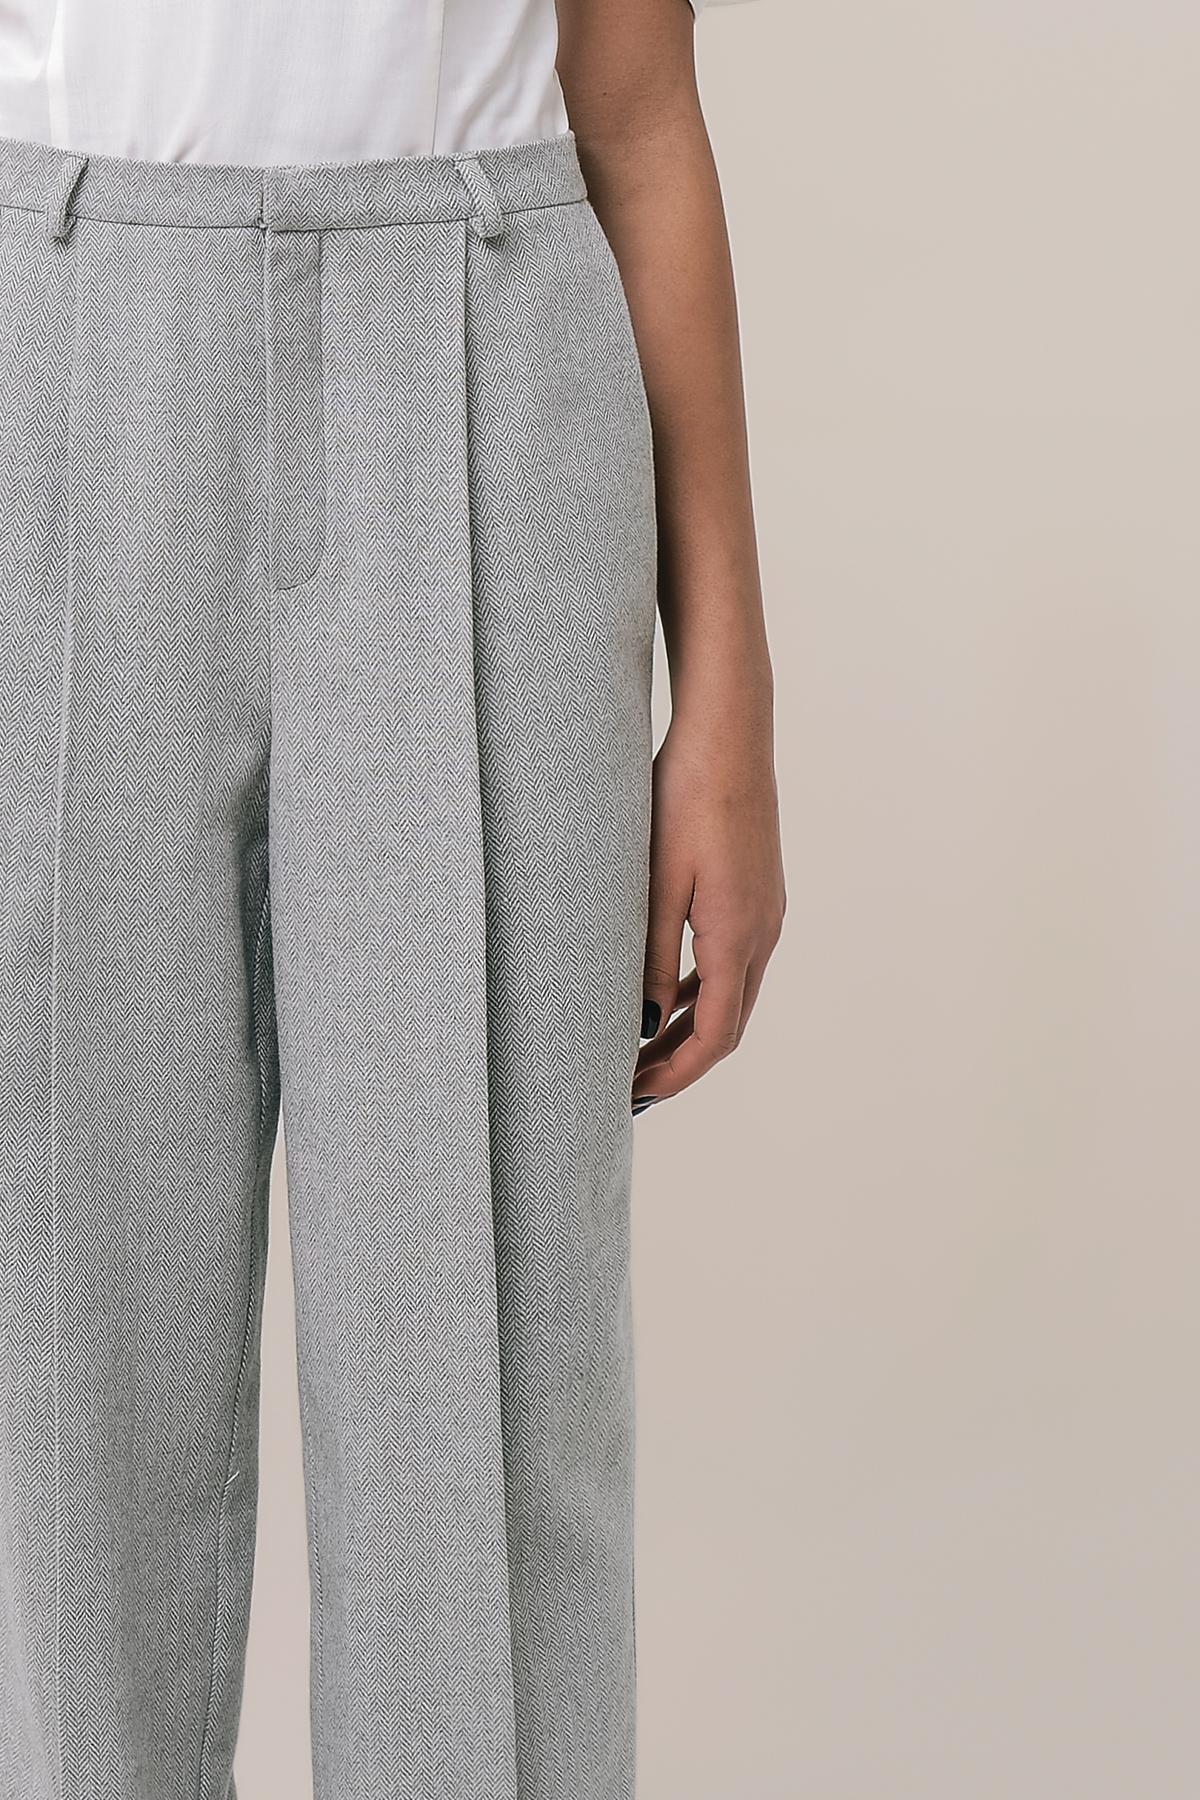 Men's style tweed pants 3